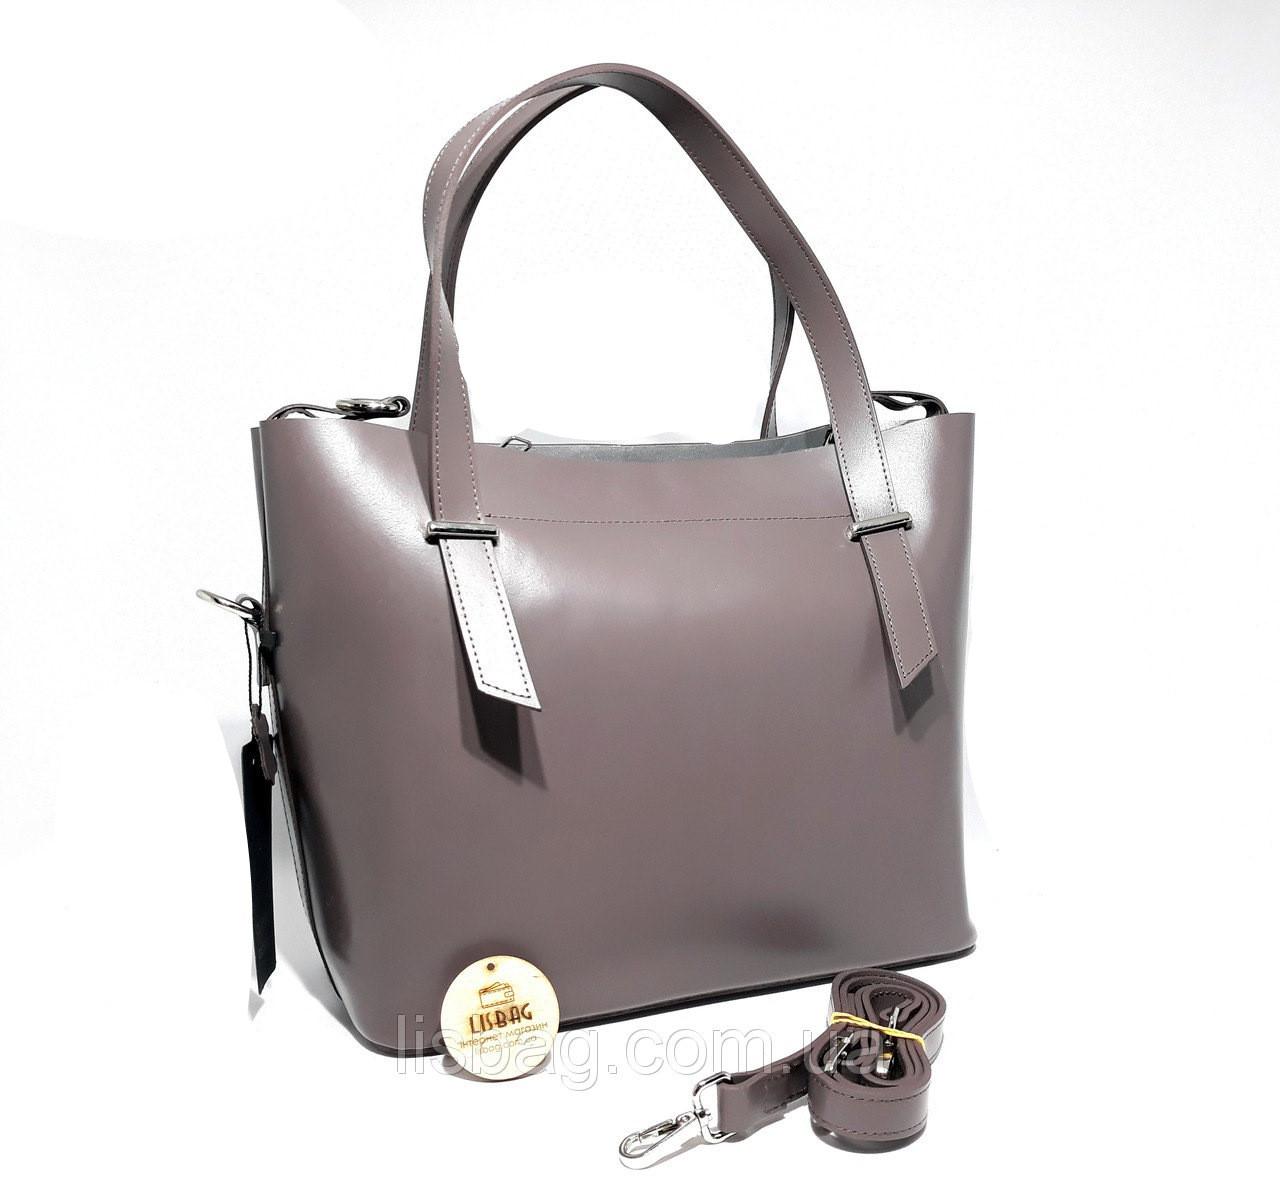 7338657333c5 Женская сумка из натуральной кожи (Италии) модель 2018 года Фиолетовая